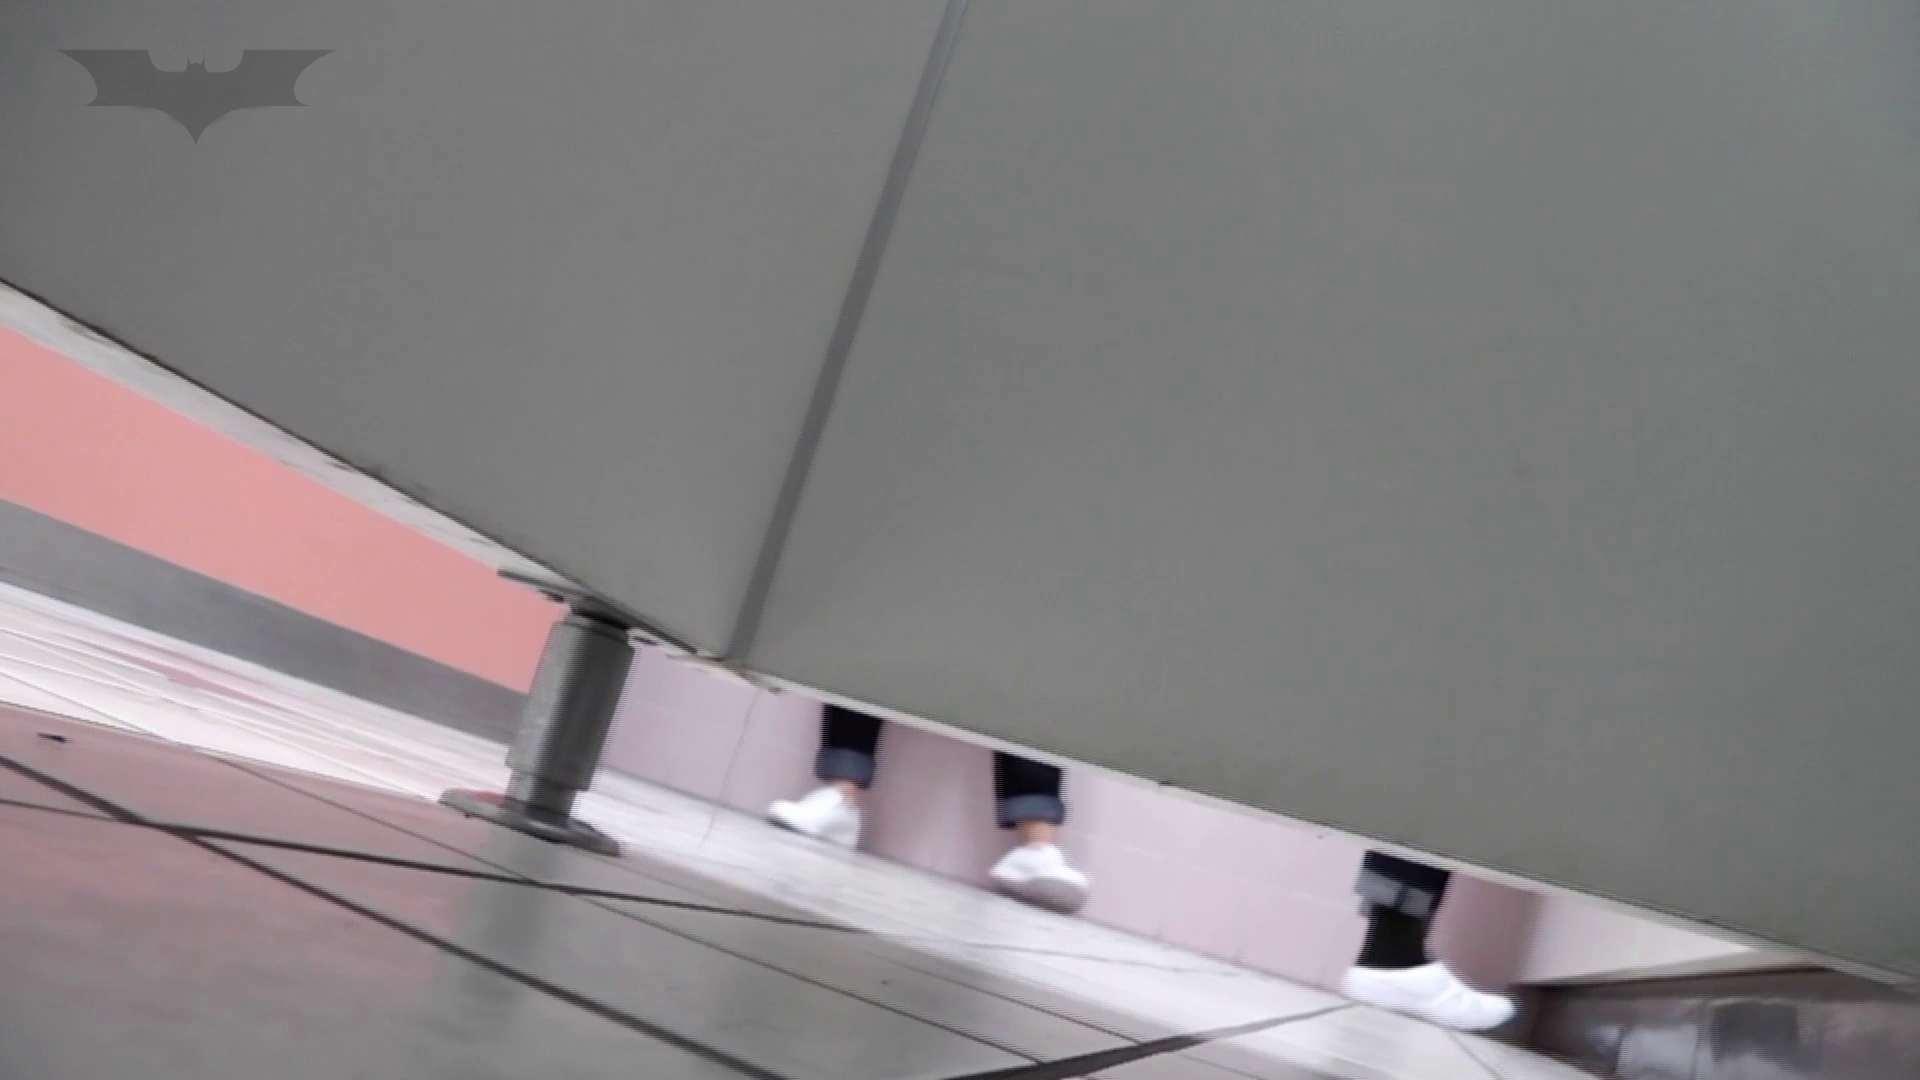 美しい日本の未来 No.31 新しいアングルに挑戦 ギャルの実態   盗撮  67pic 34